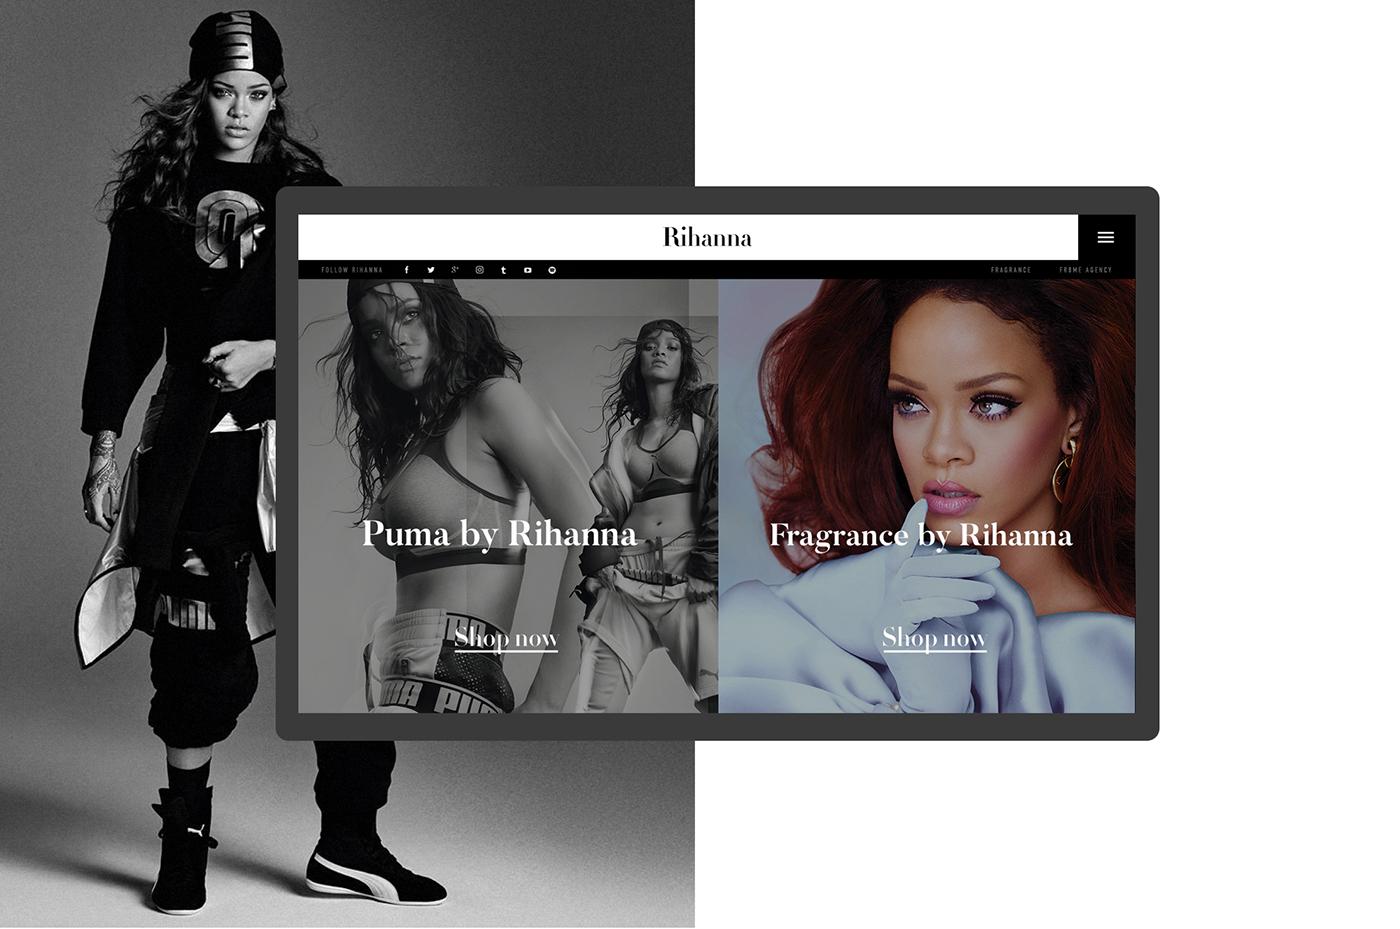 Rihanna - Official website on